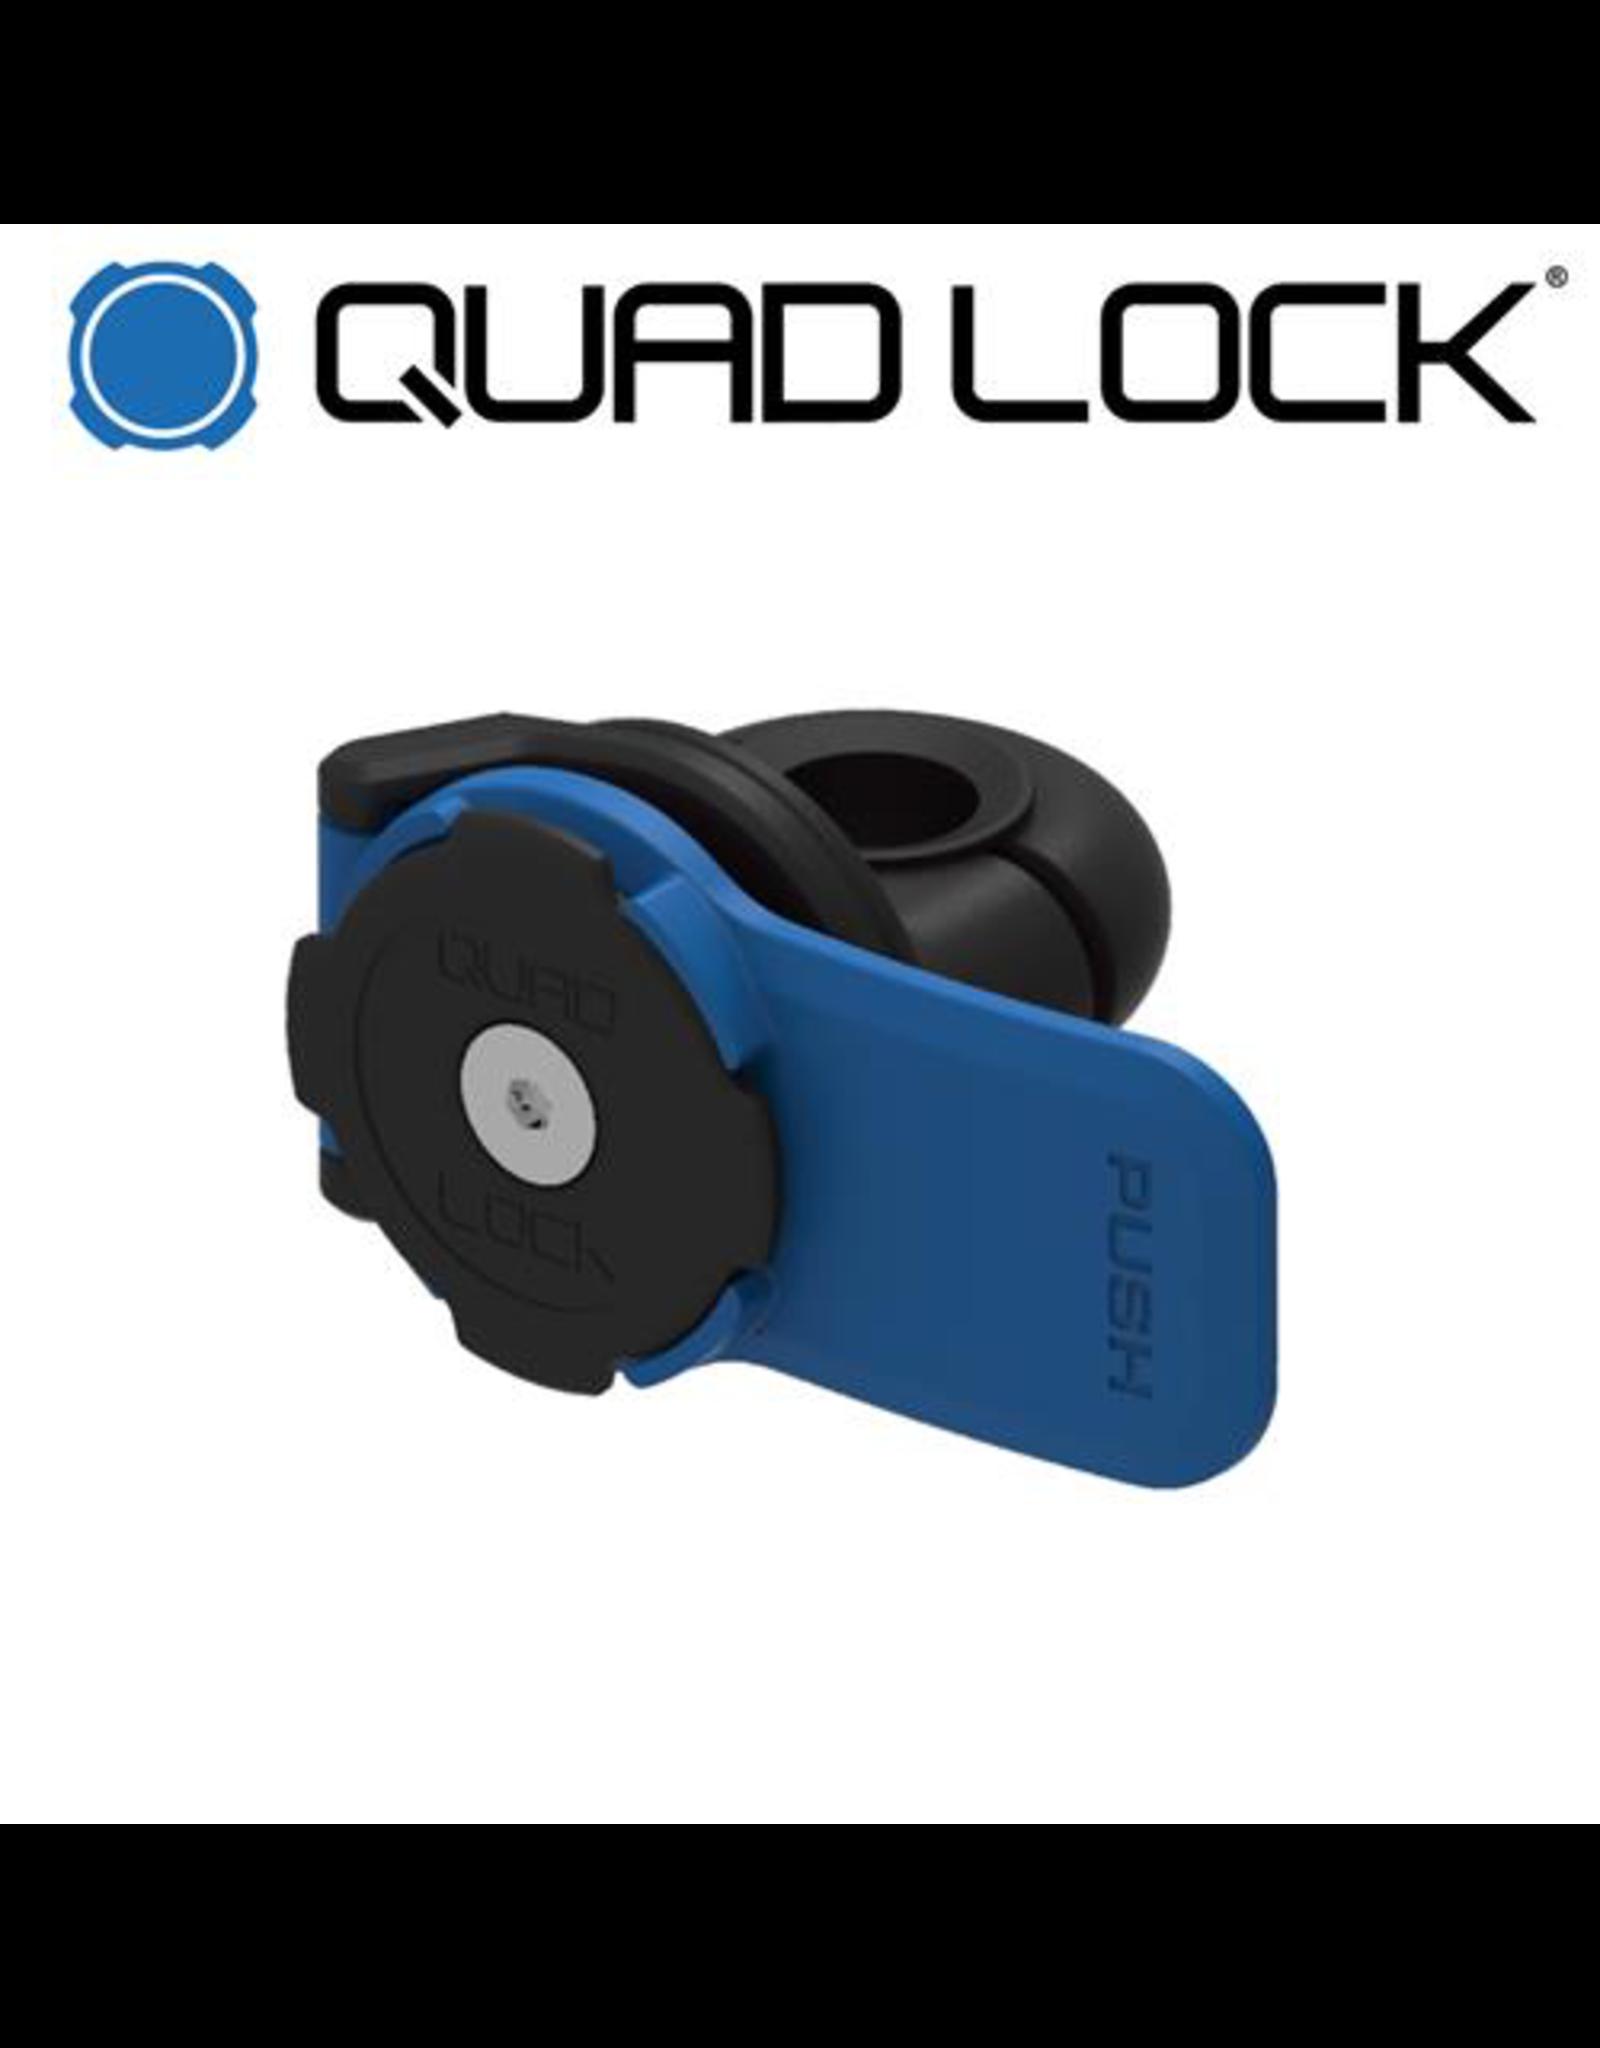 QUAD LOCK PHONE HOLDER QUAD LOCK MIRROR MOUNT